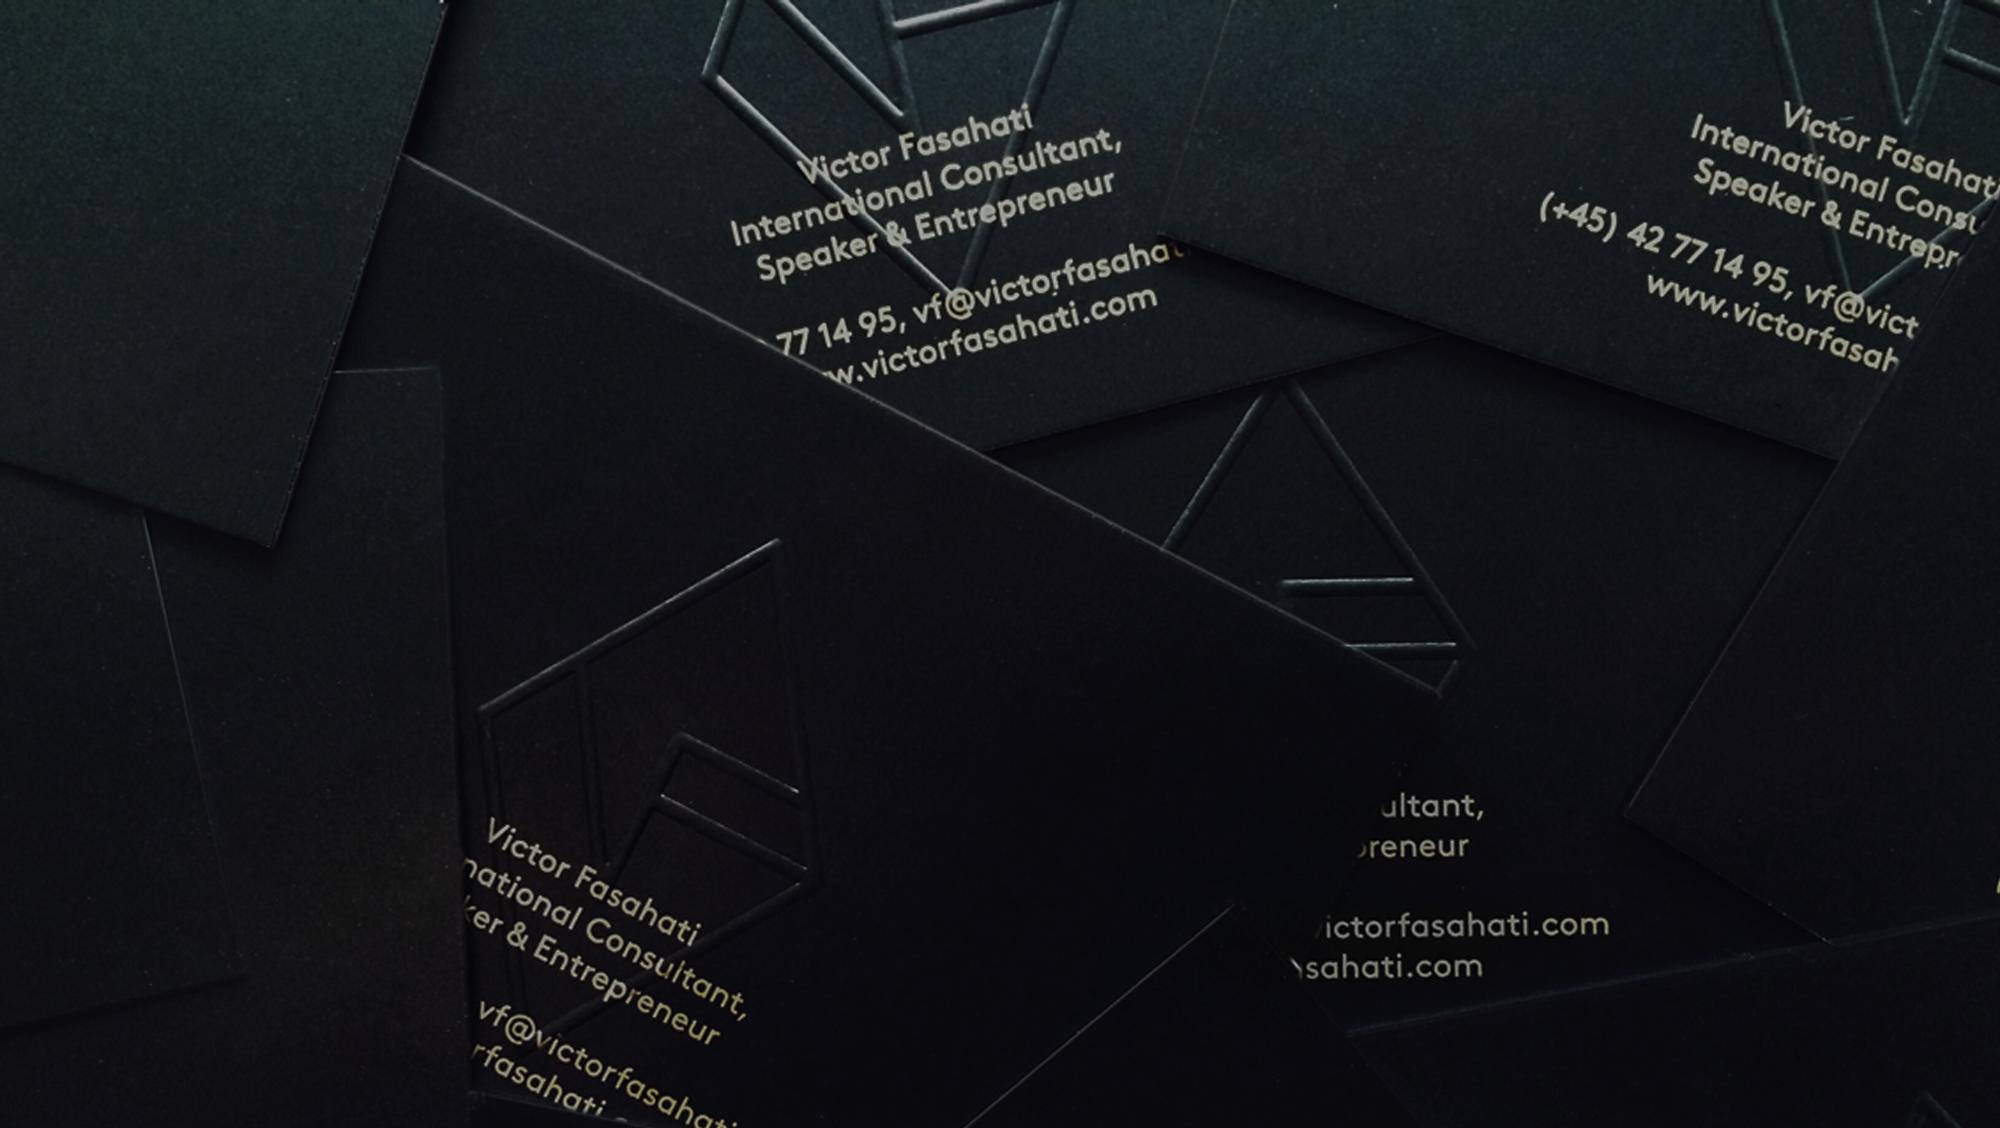 Fuhr_Studio_Forside_Victor_Brand_Identitet.png